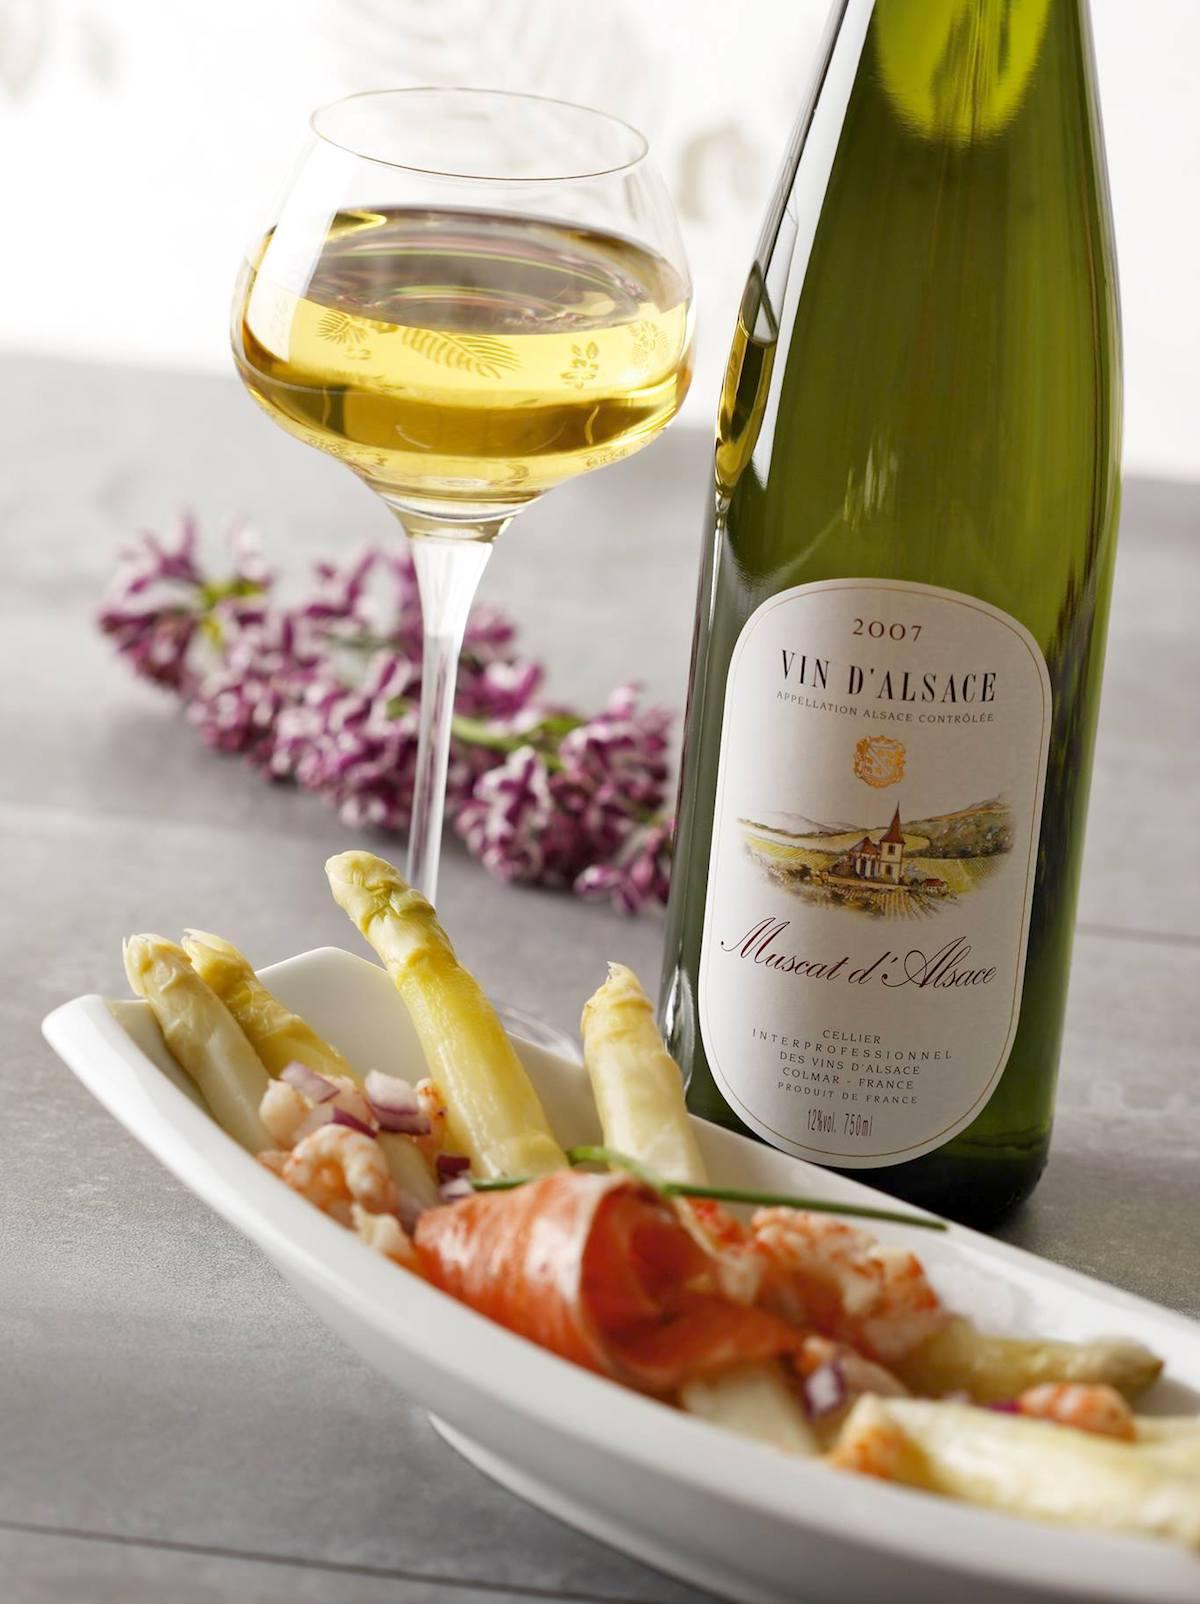 Muscat (c) Vins d'Alsace